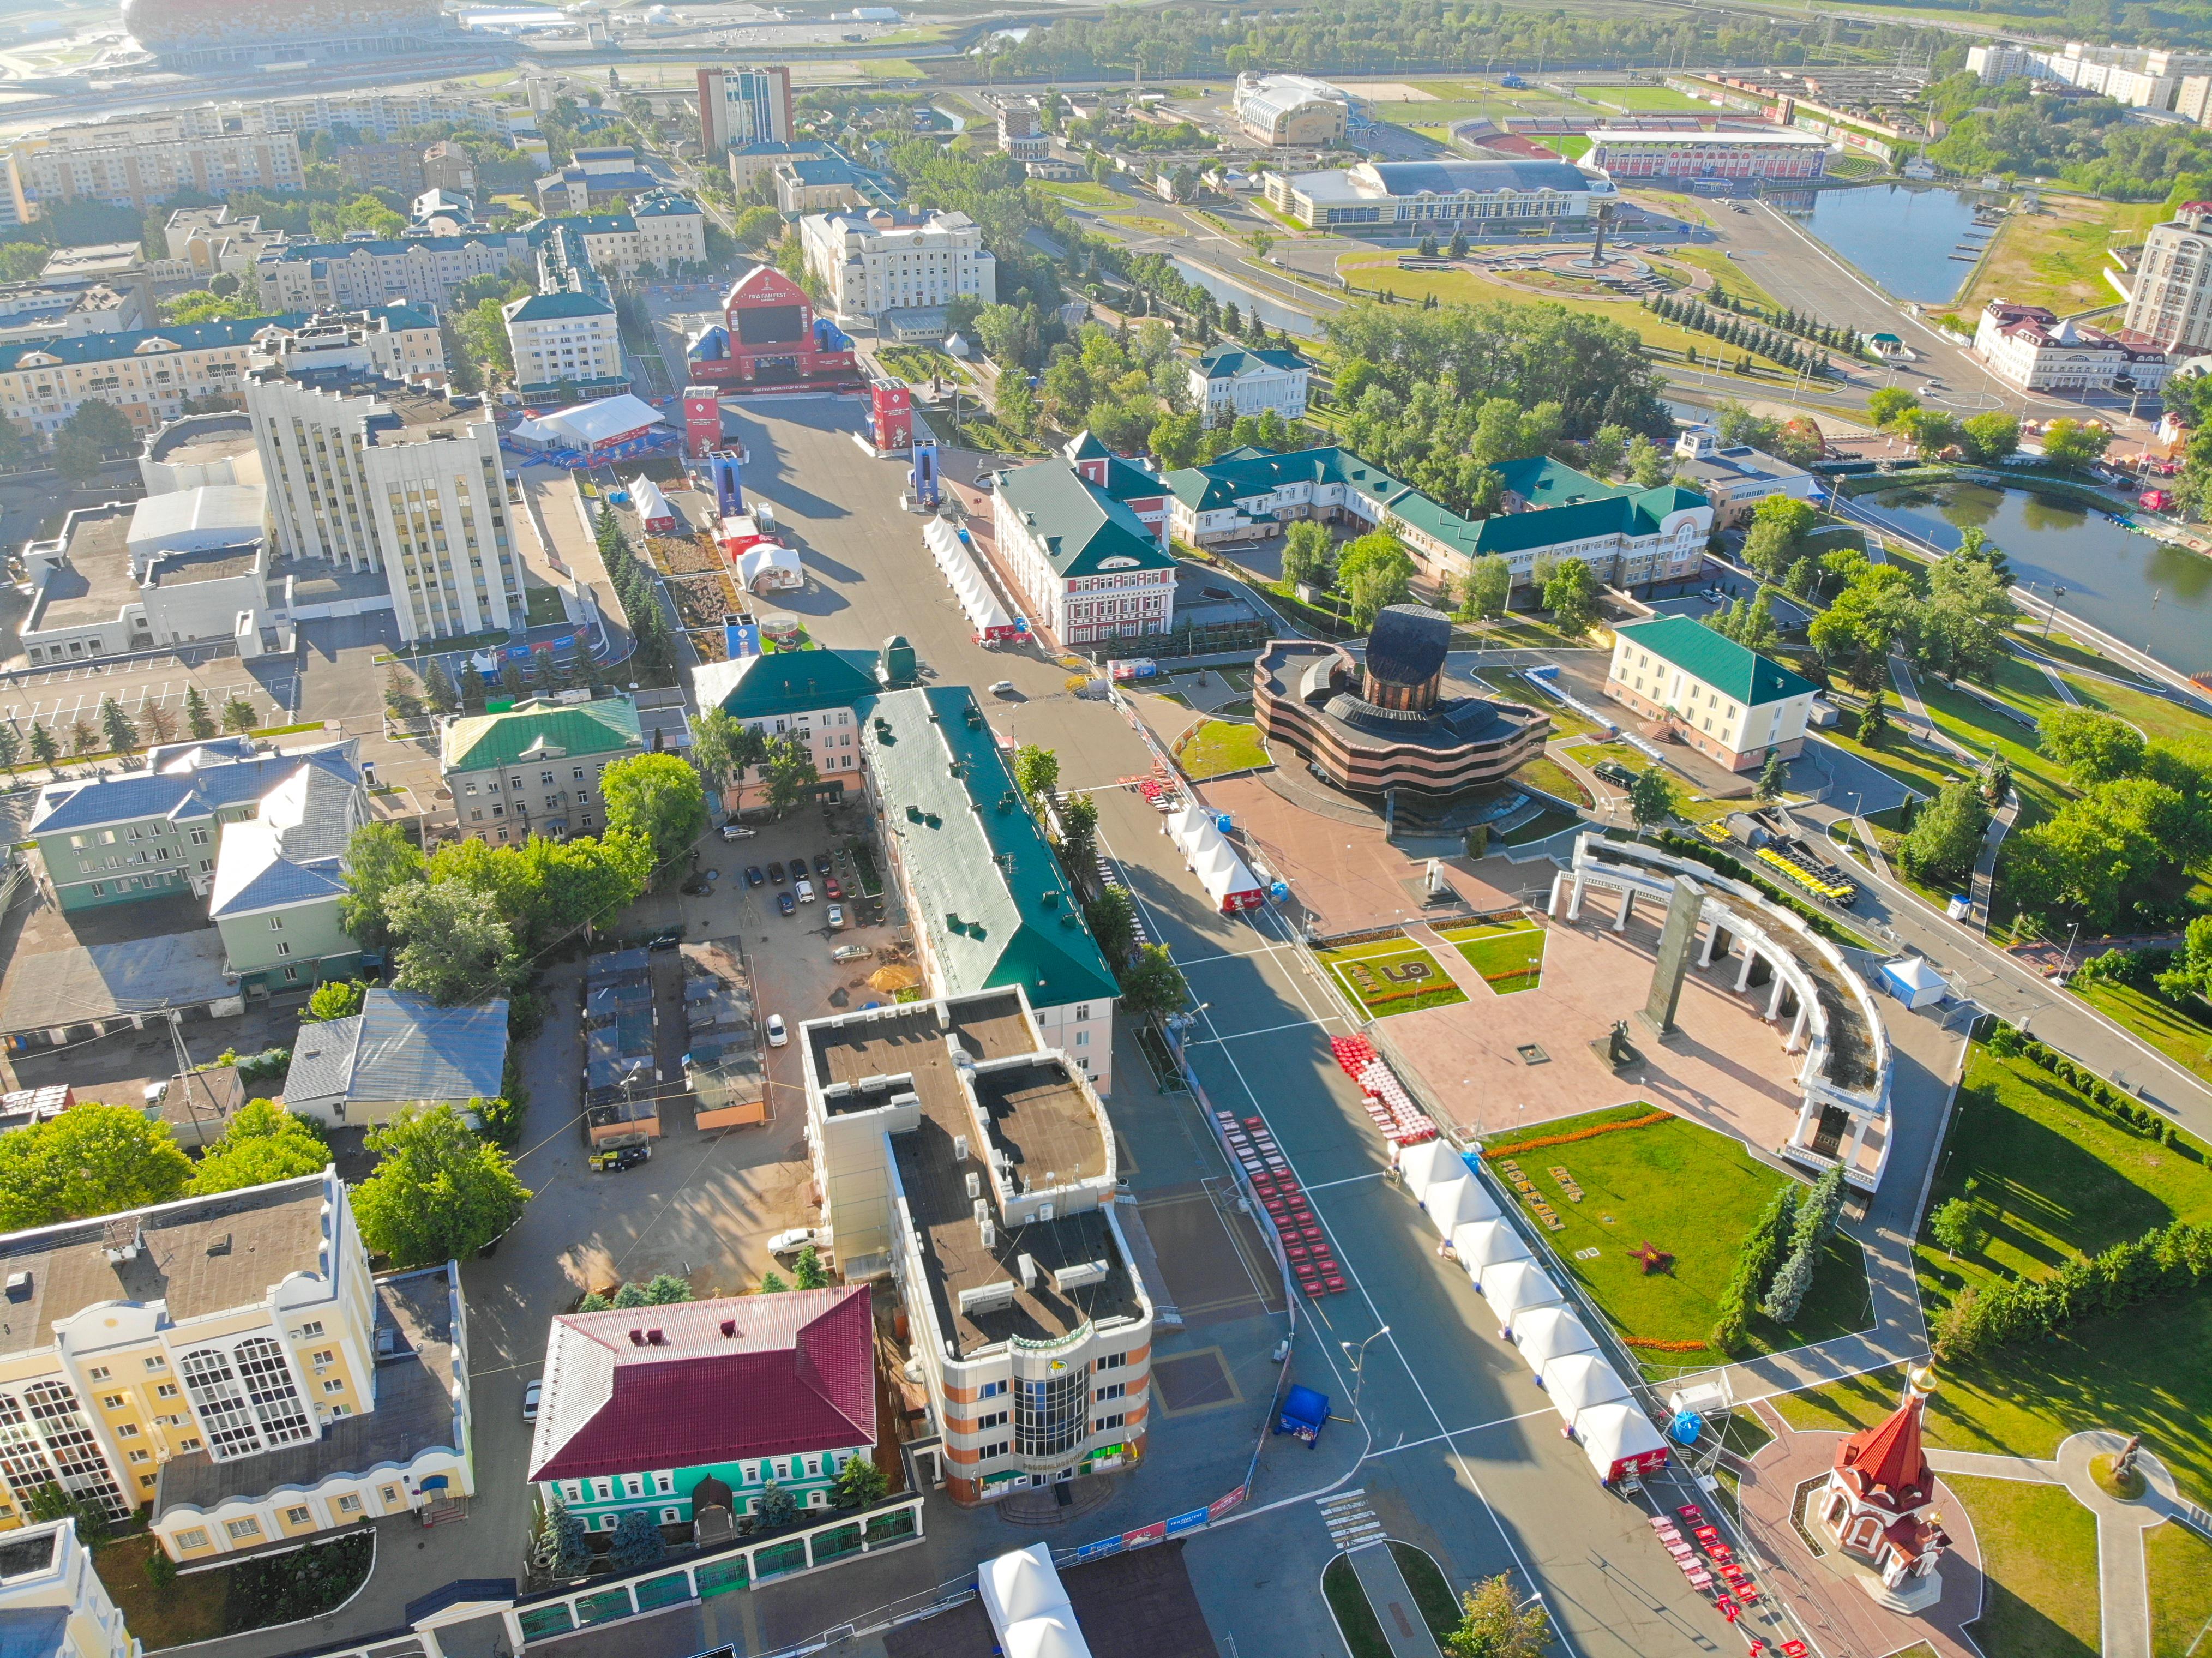 Временная инфраструктура для Фан-Зоны Чемпионата мира по футболу 2018 г. Саранск